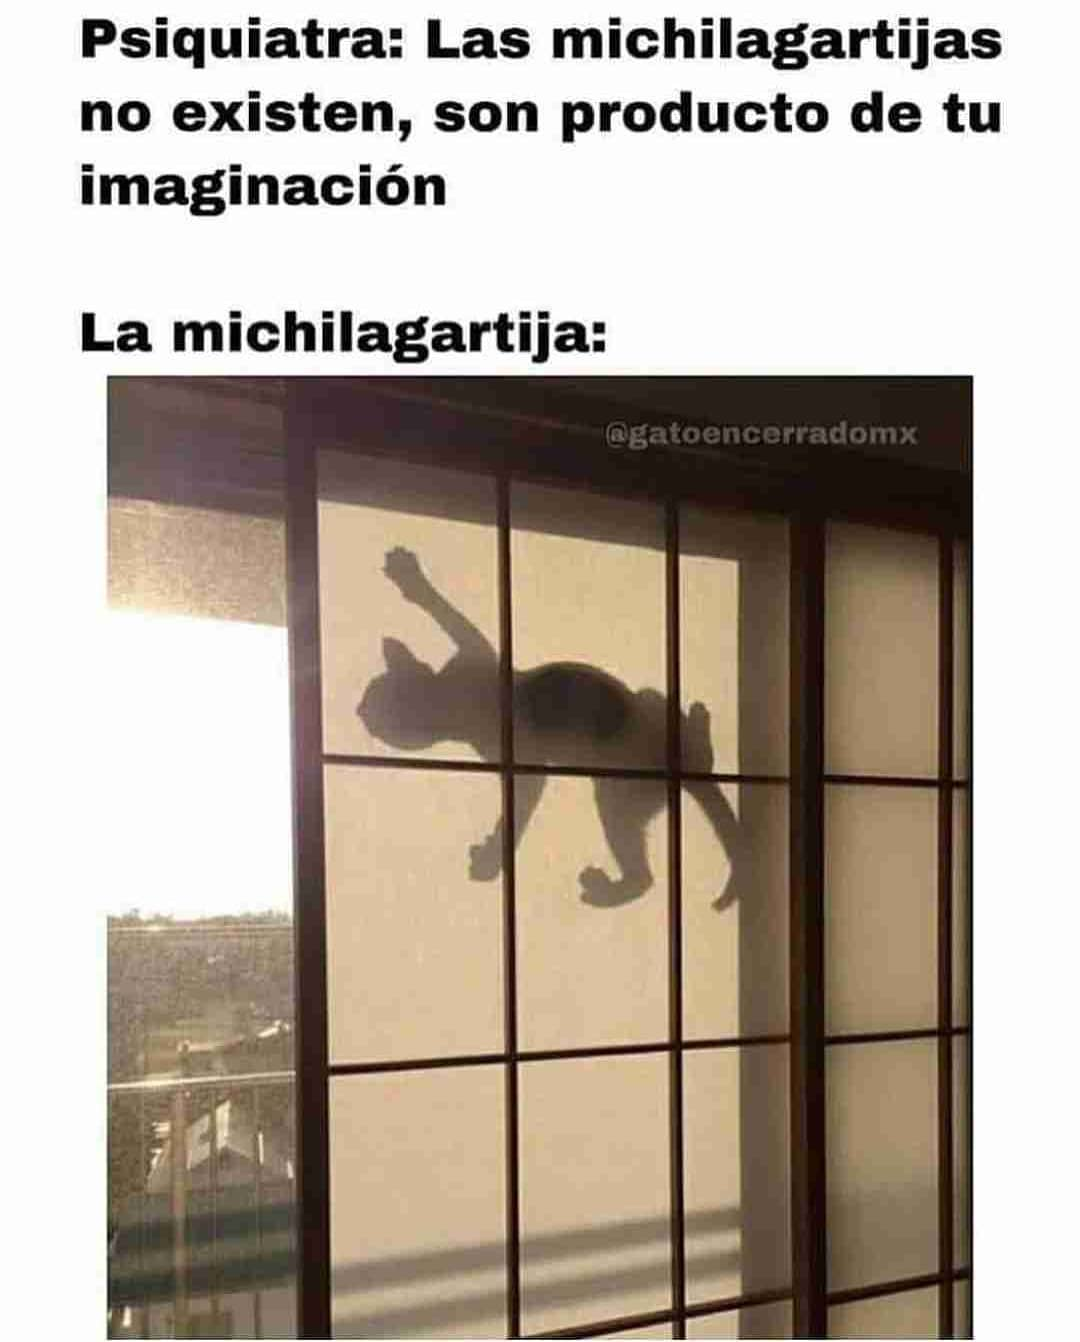 Psiquiatra: Las michilagartijas no existen, son producto de tu imaginación.  La michilagartija: